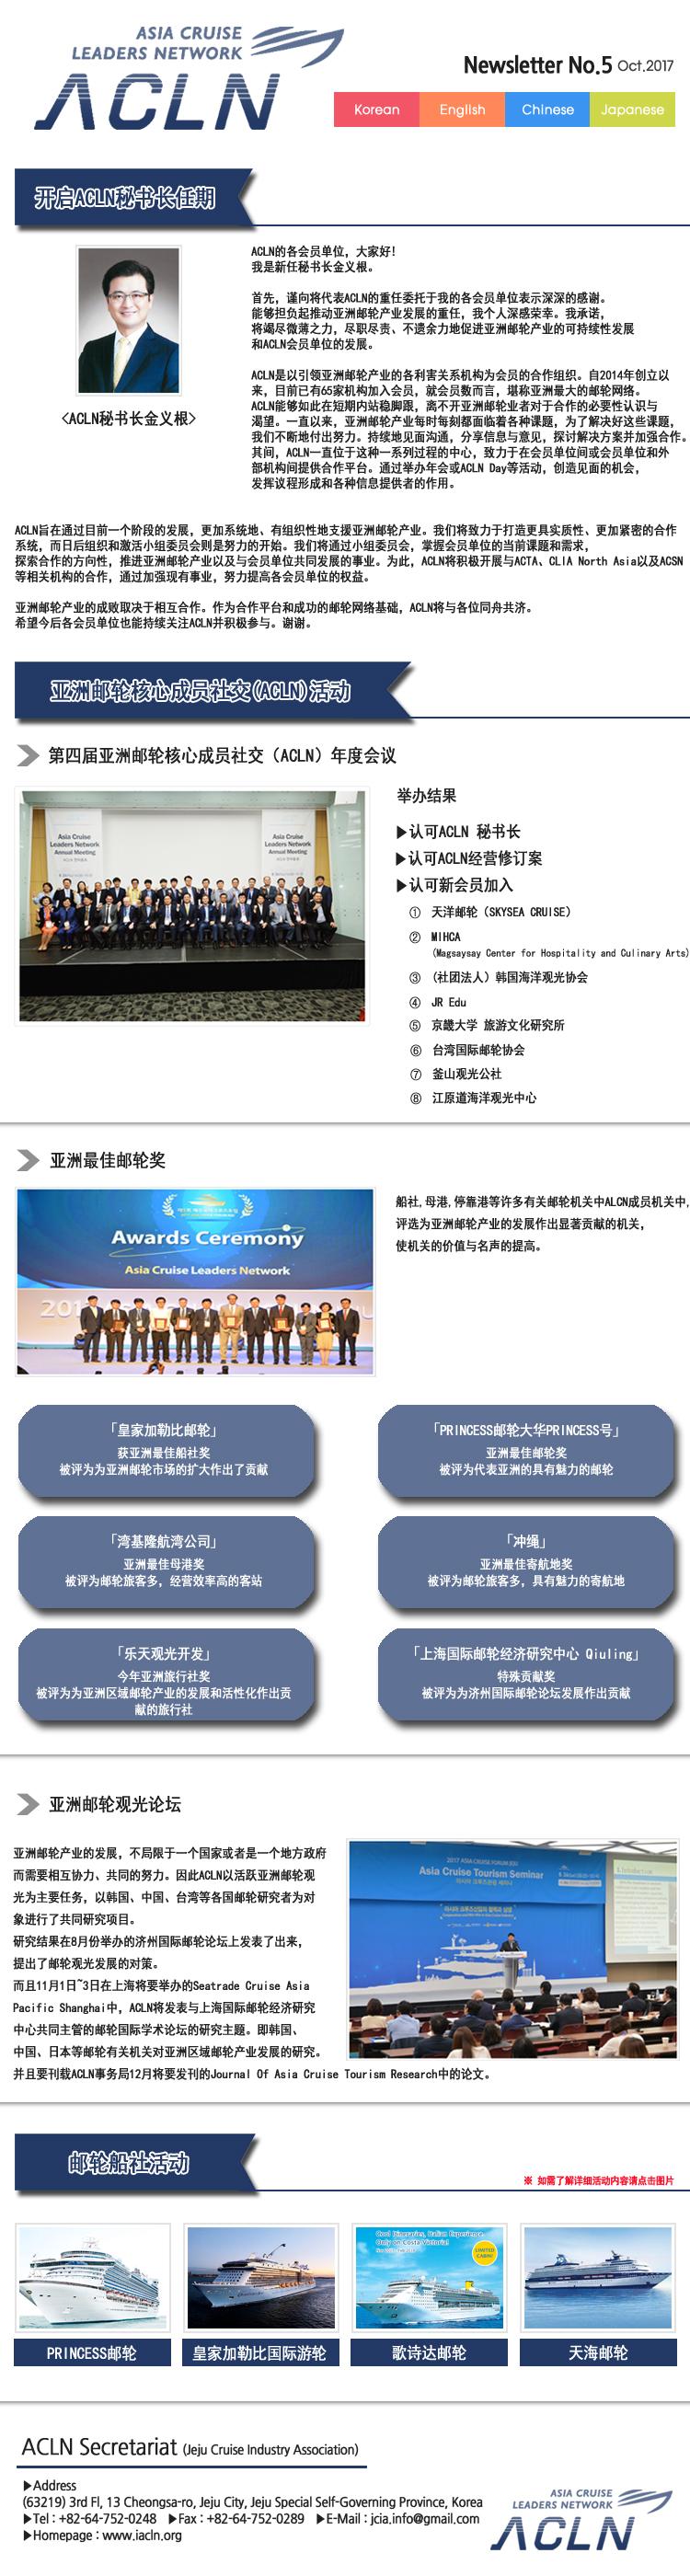 alcn newsletter no.5[cn].jpg